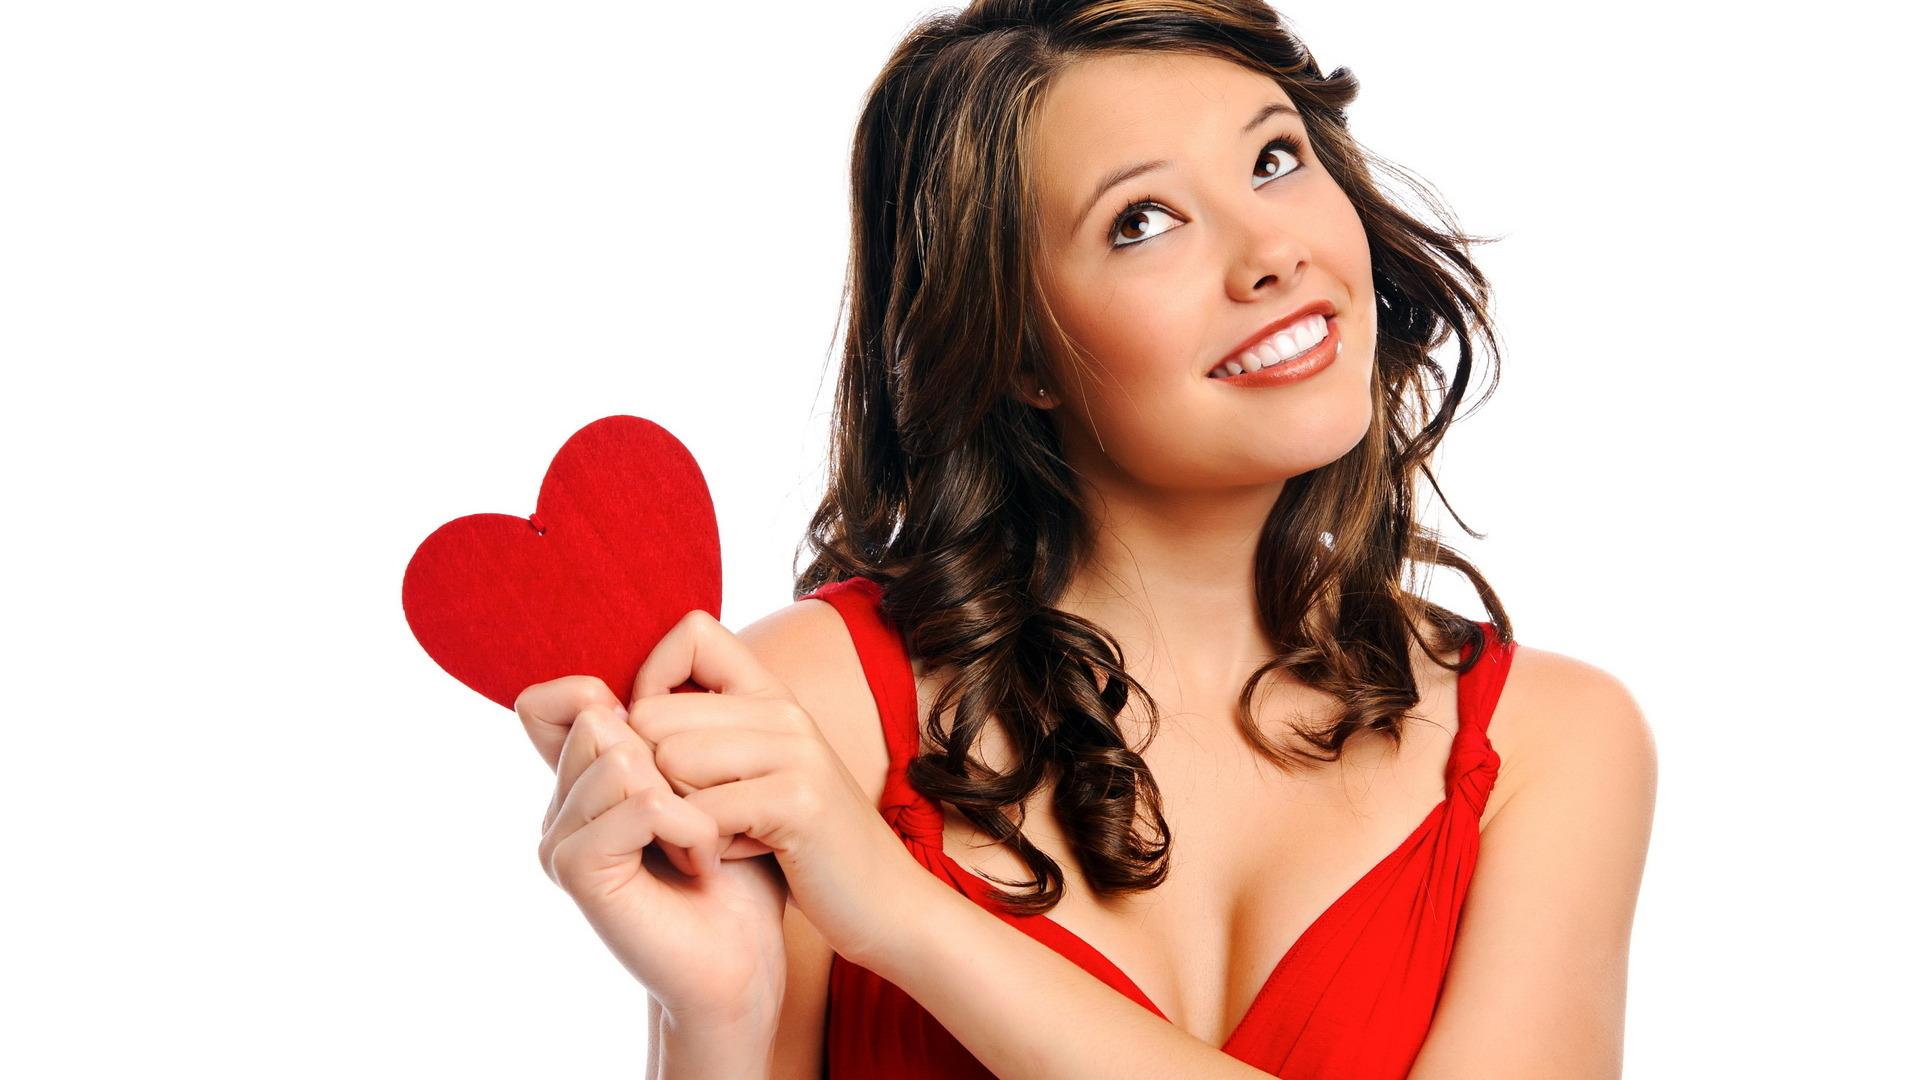 Девушка с лицом в виде сердца фото